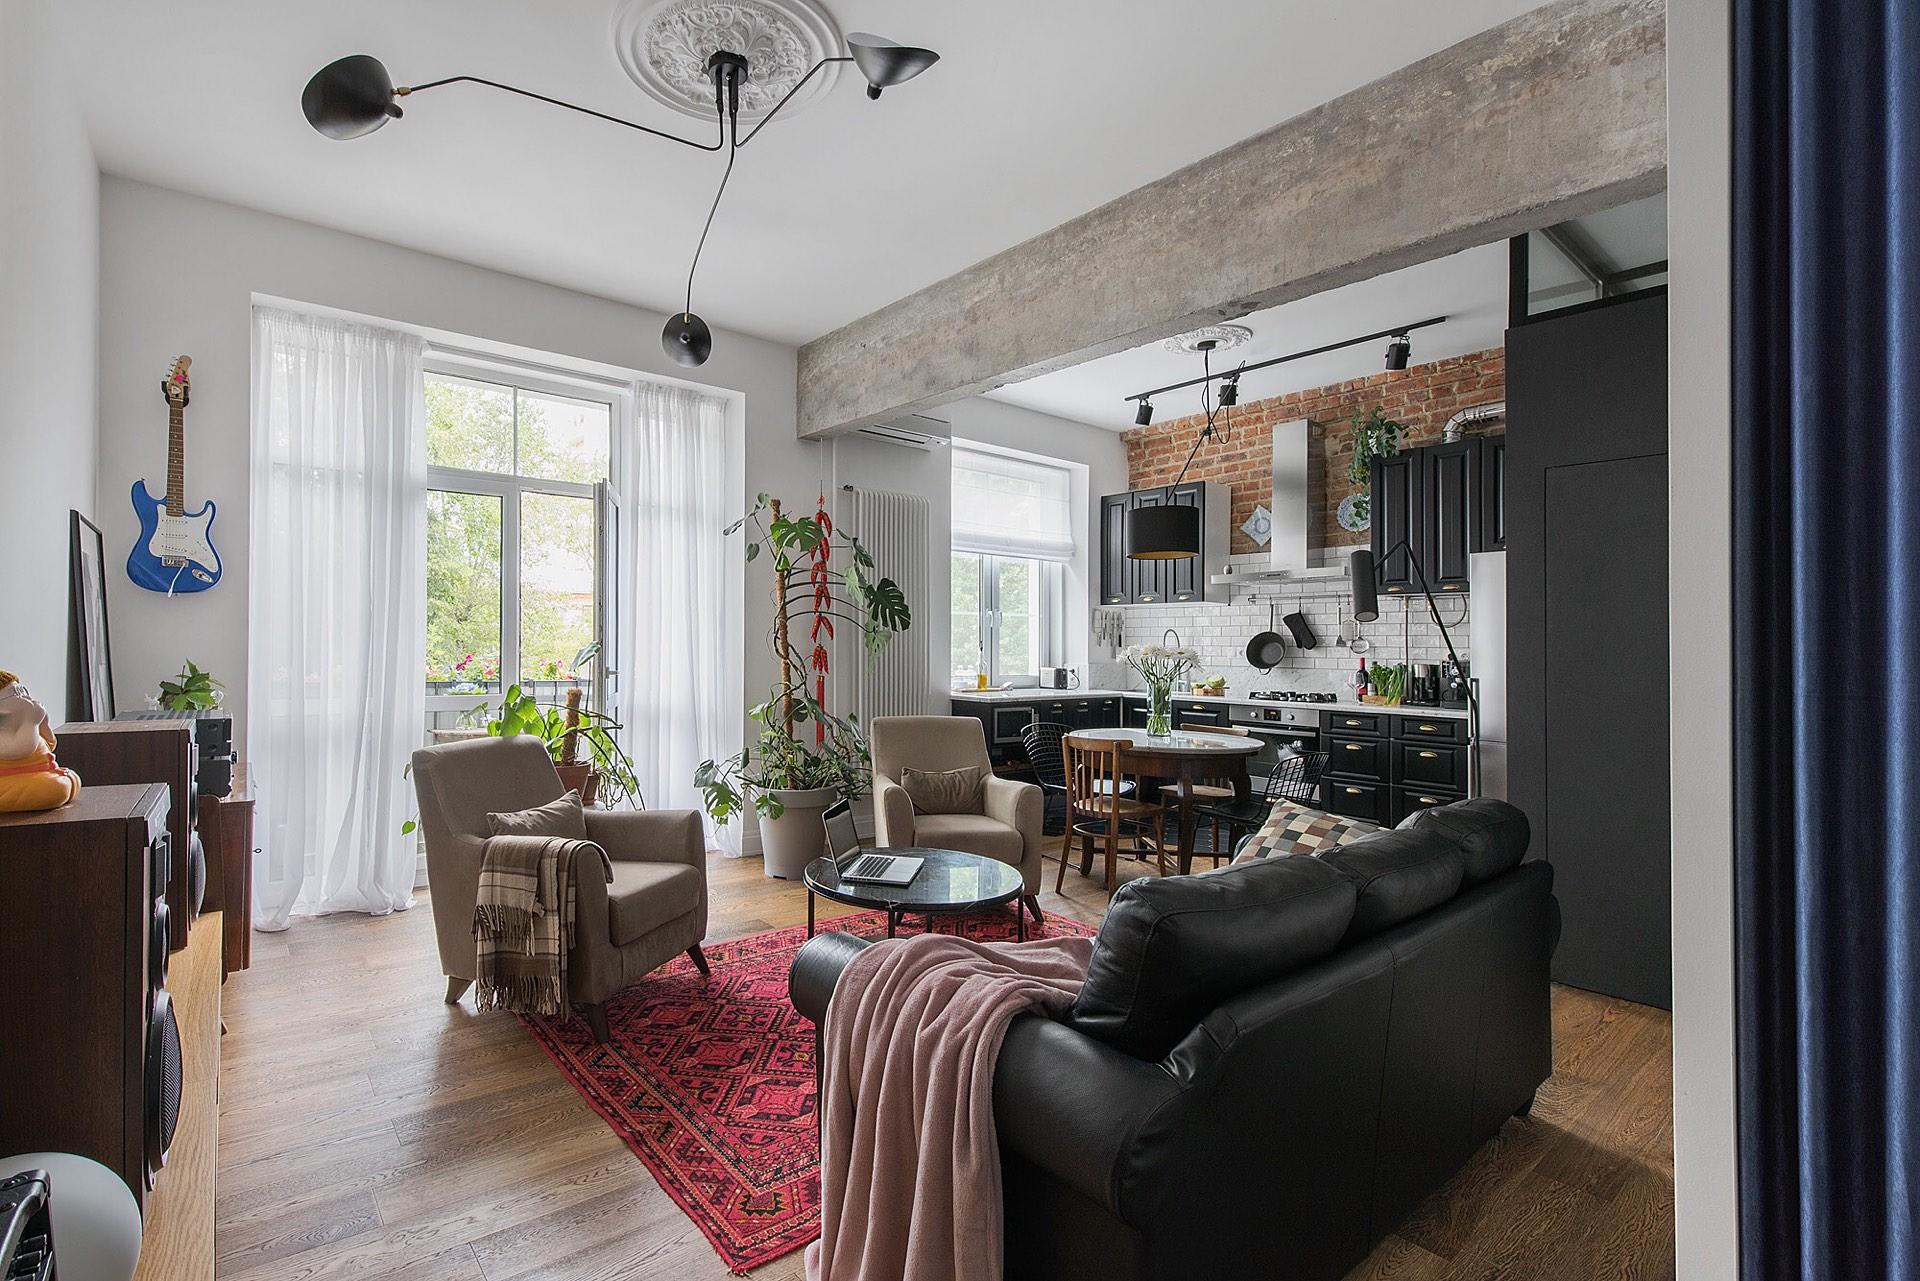 гостиная кухня мебель балкон высокий потолок бетон